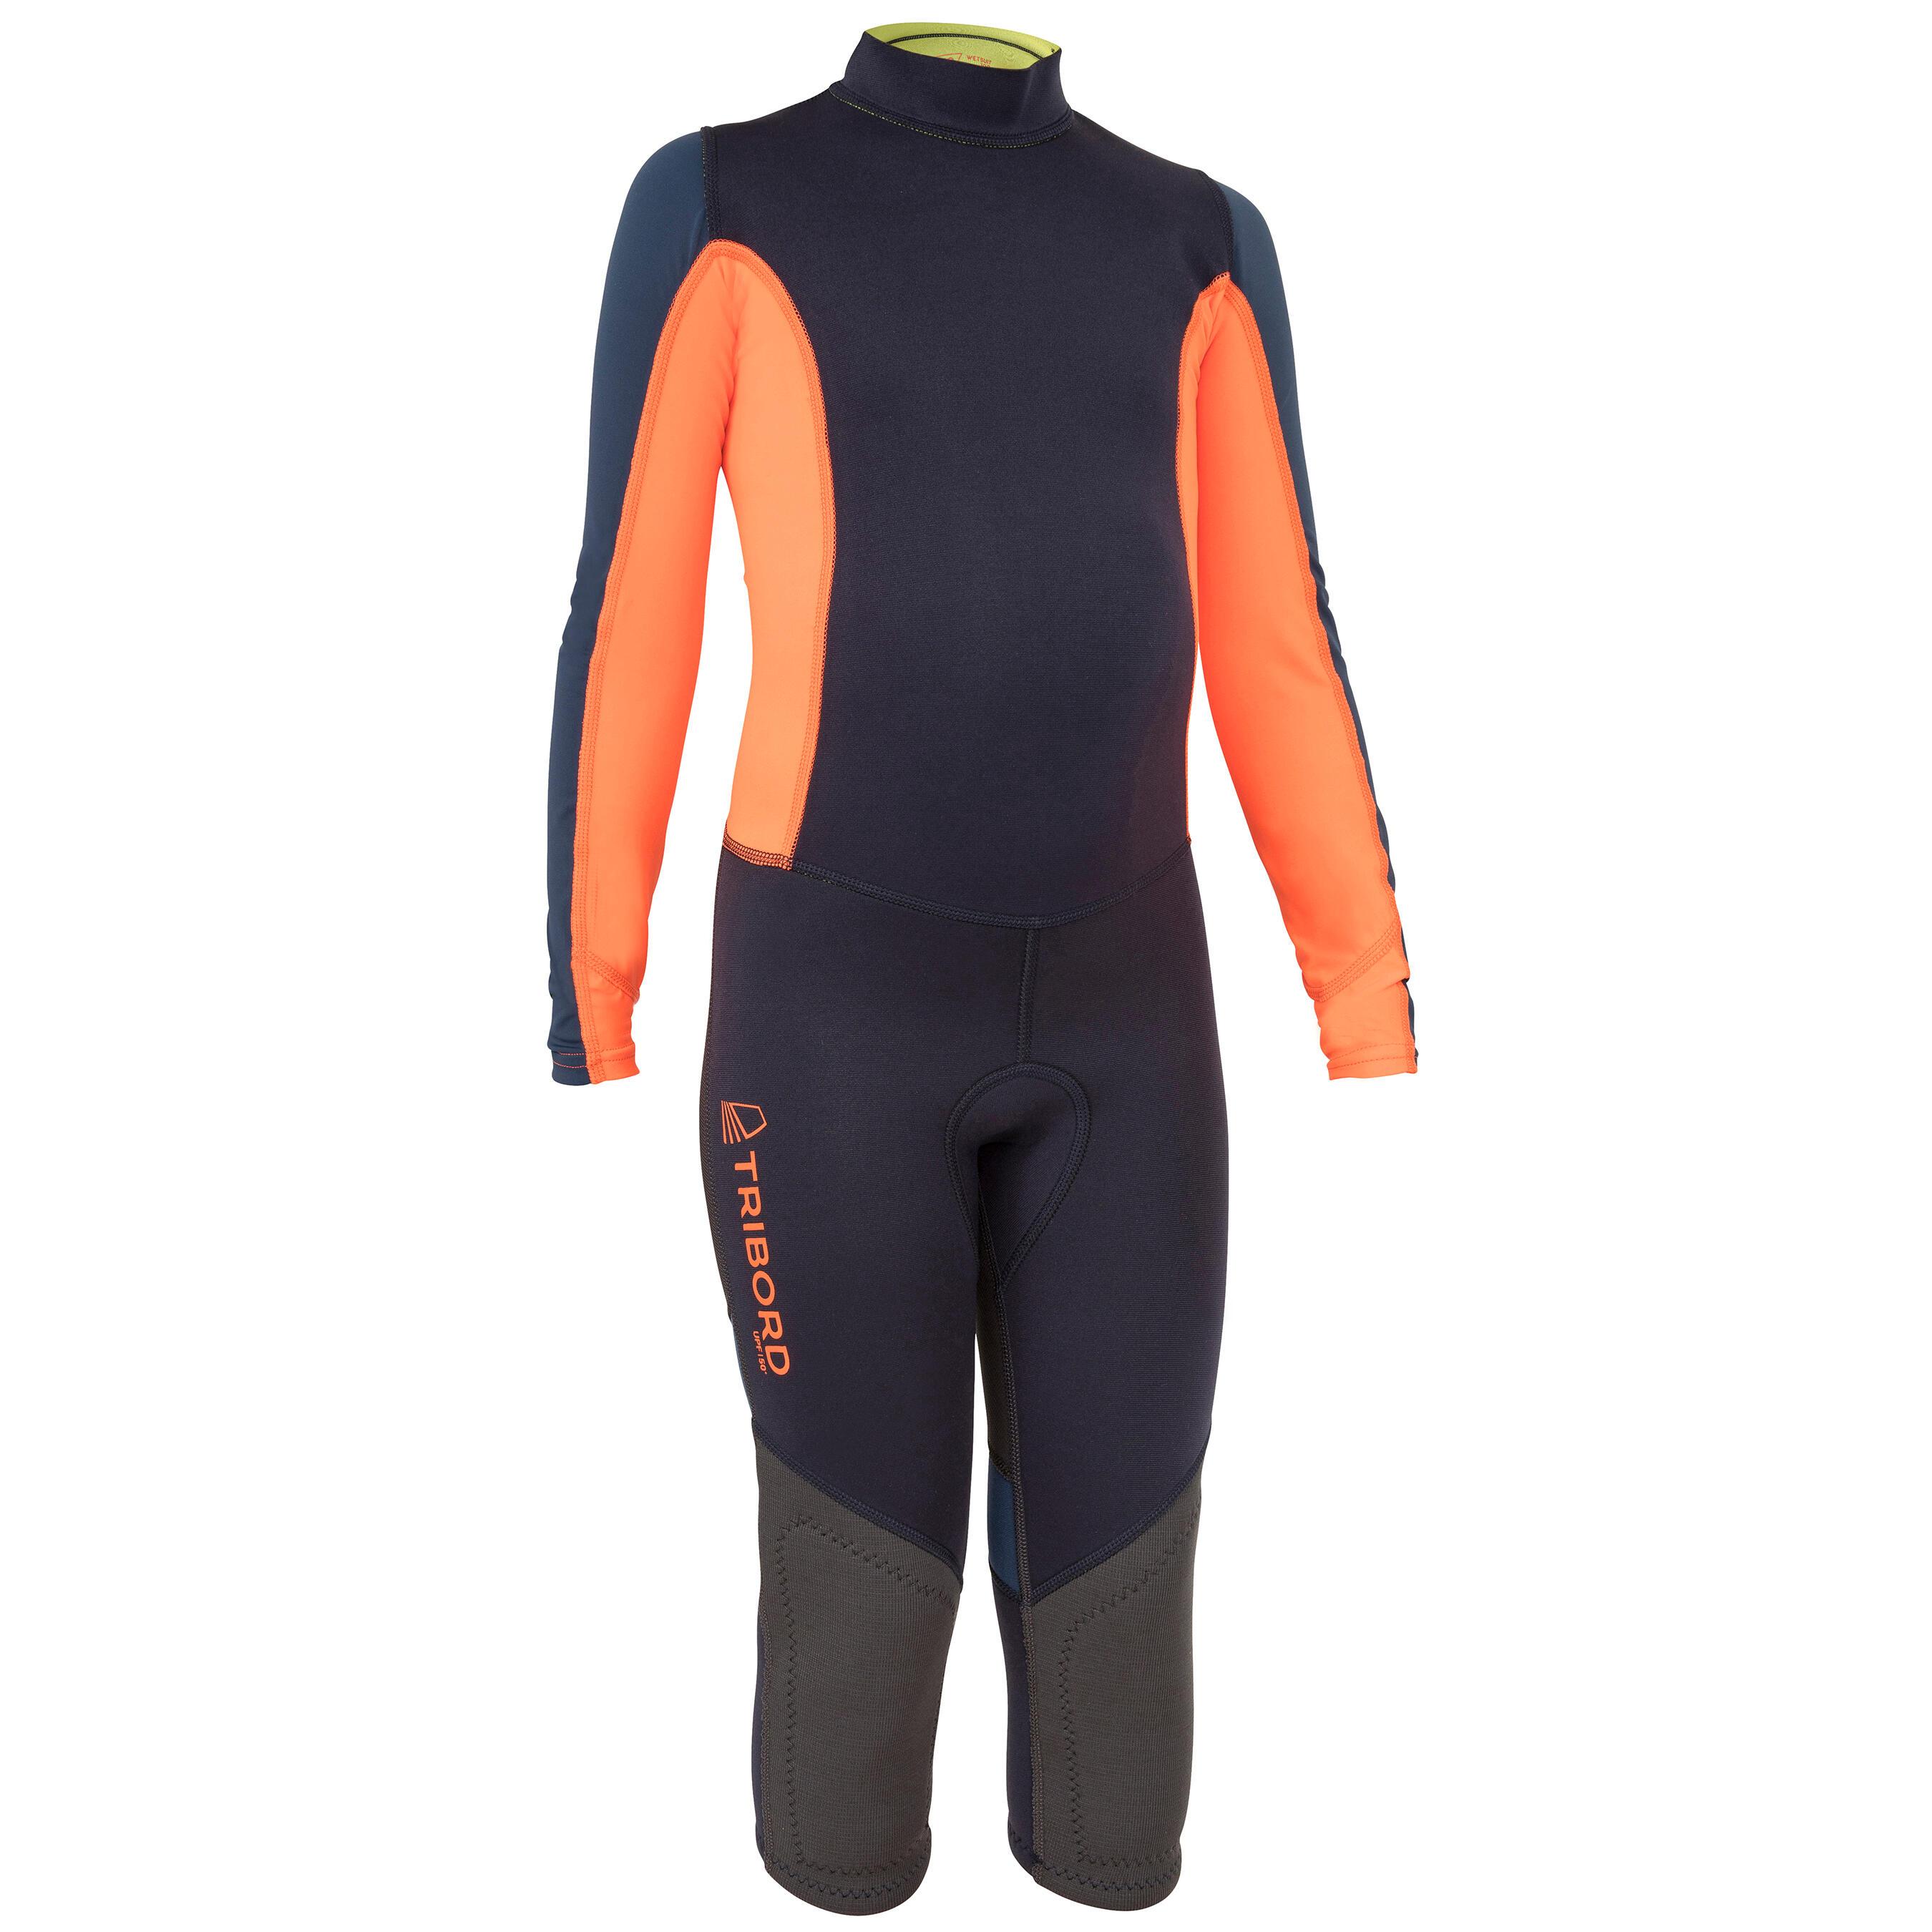 Tribord Uv-bestendige neopreen wetsuit 1mm Zeilen kinderen Dinghy 500 donkerblauw/oranje